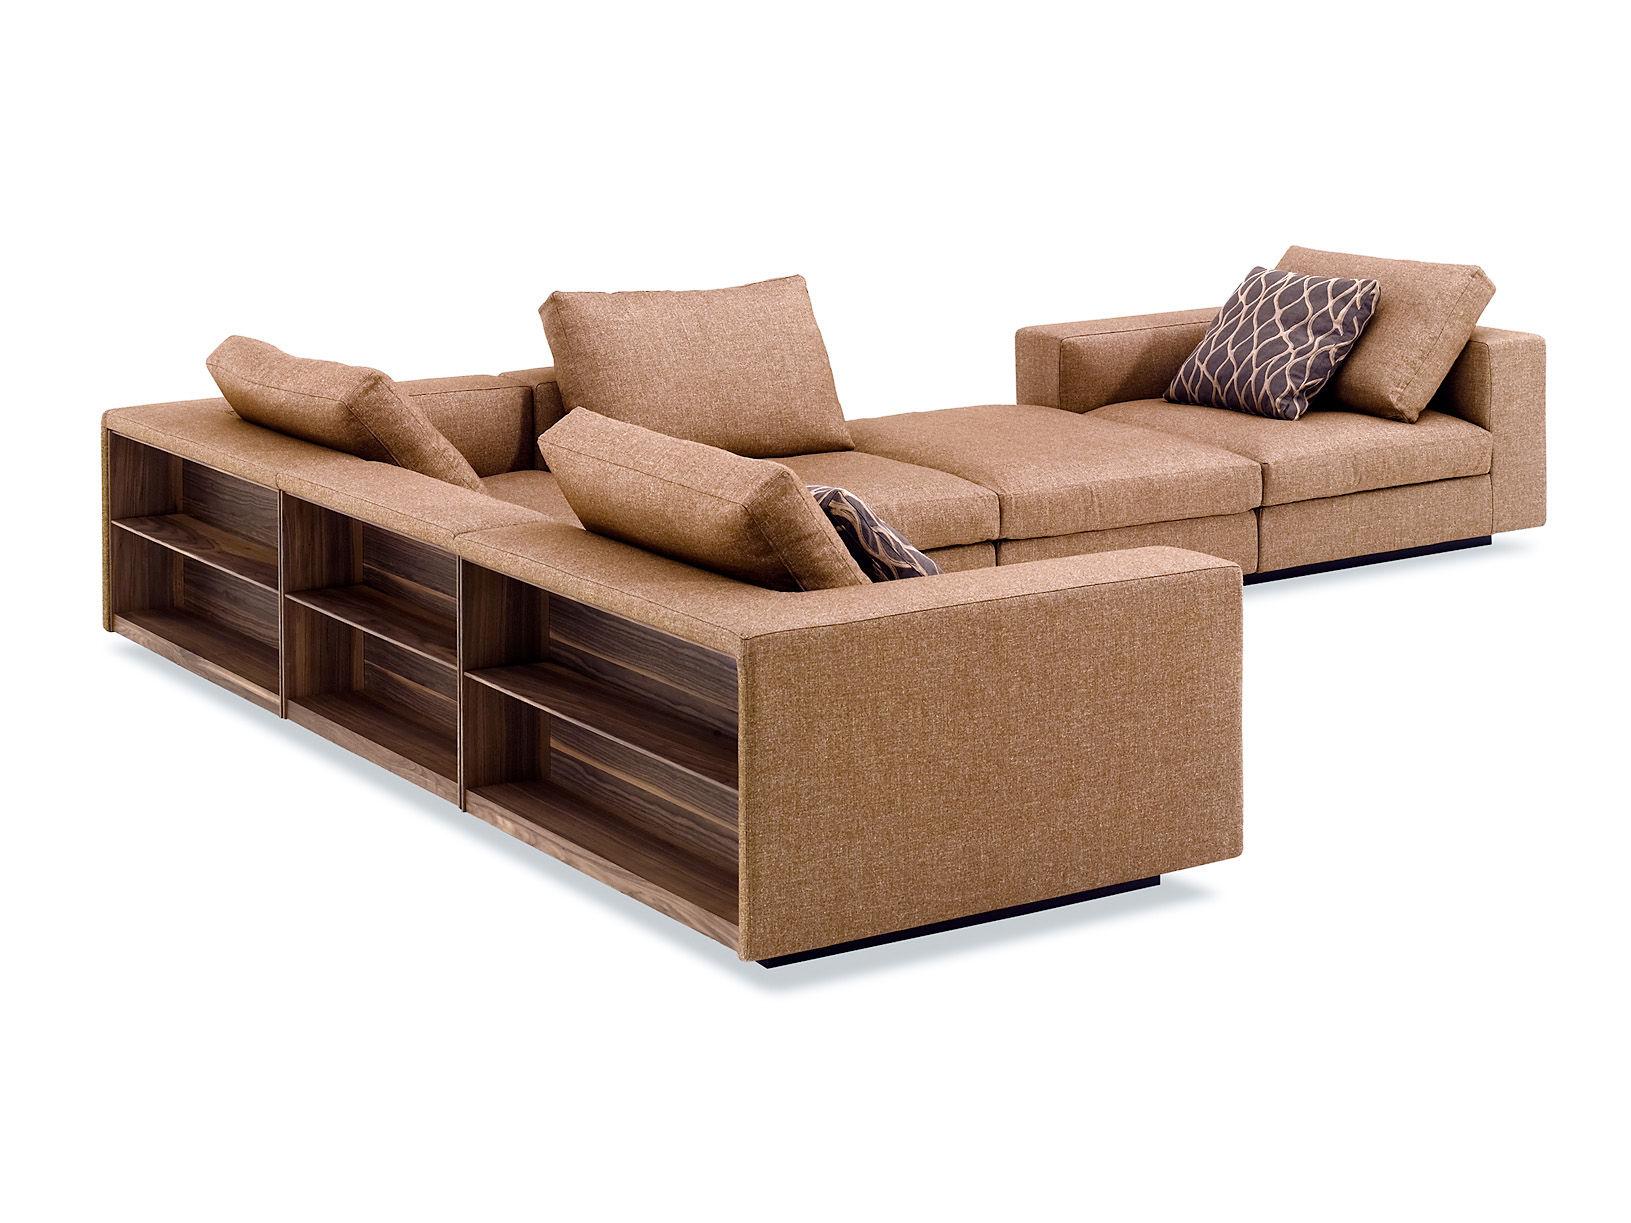 die neuen sofas schicke allesk nner zuhause wohnen. Black Bedroom Furniture Sets. Home Design Ideas